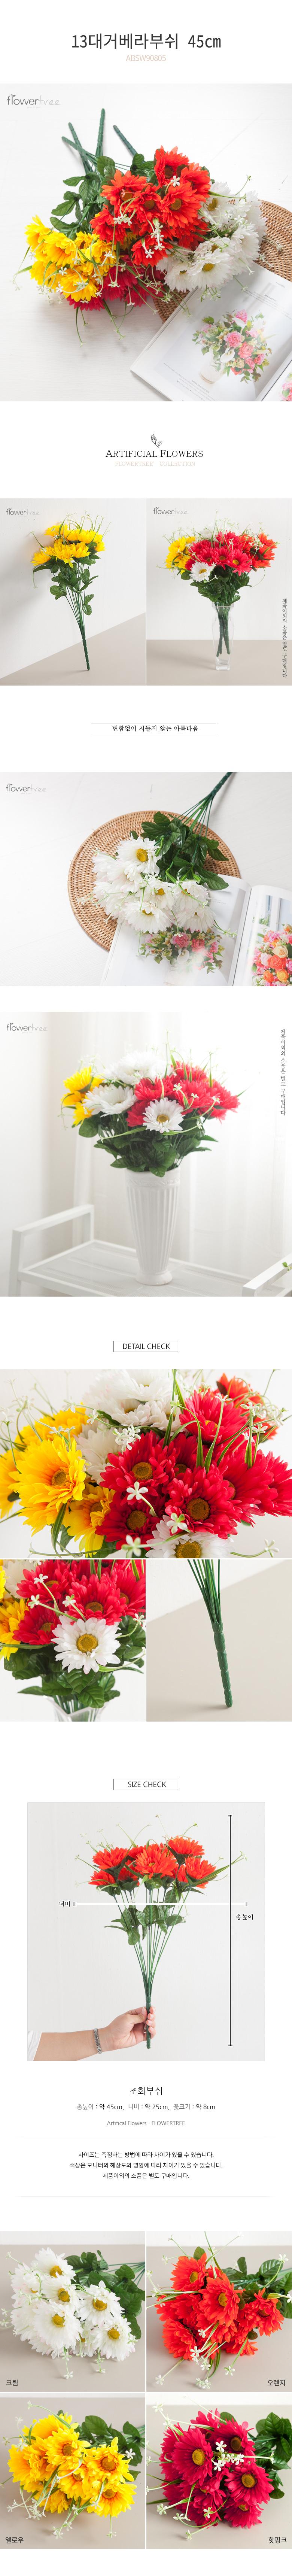 13대거베라부쉬 45cm 조화 성묘 꽃 인테리어 FAGAFT - 플라워트리, 6,900원, 조화, 부쉬